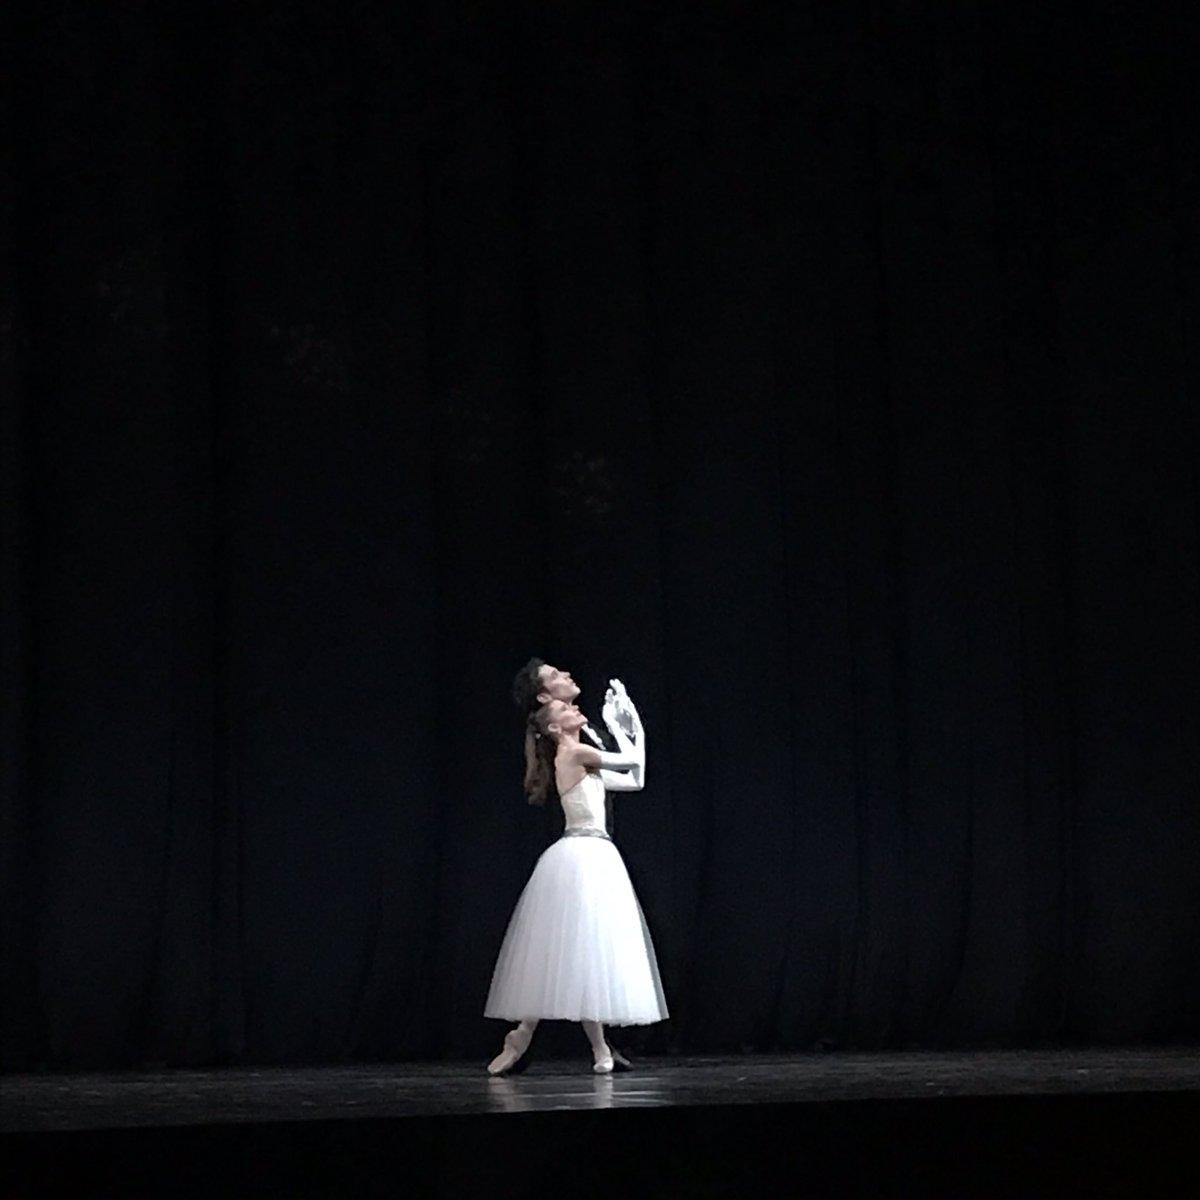 Hum belle soirée @BalletOParis #Balanchine  pic.twitter.com/H6G2hXp7JR